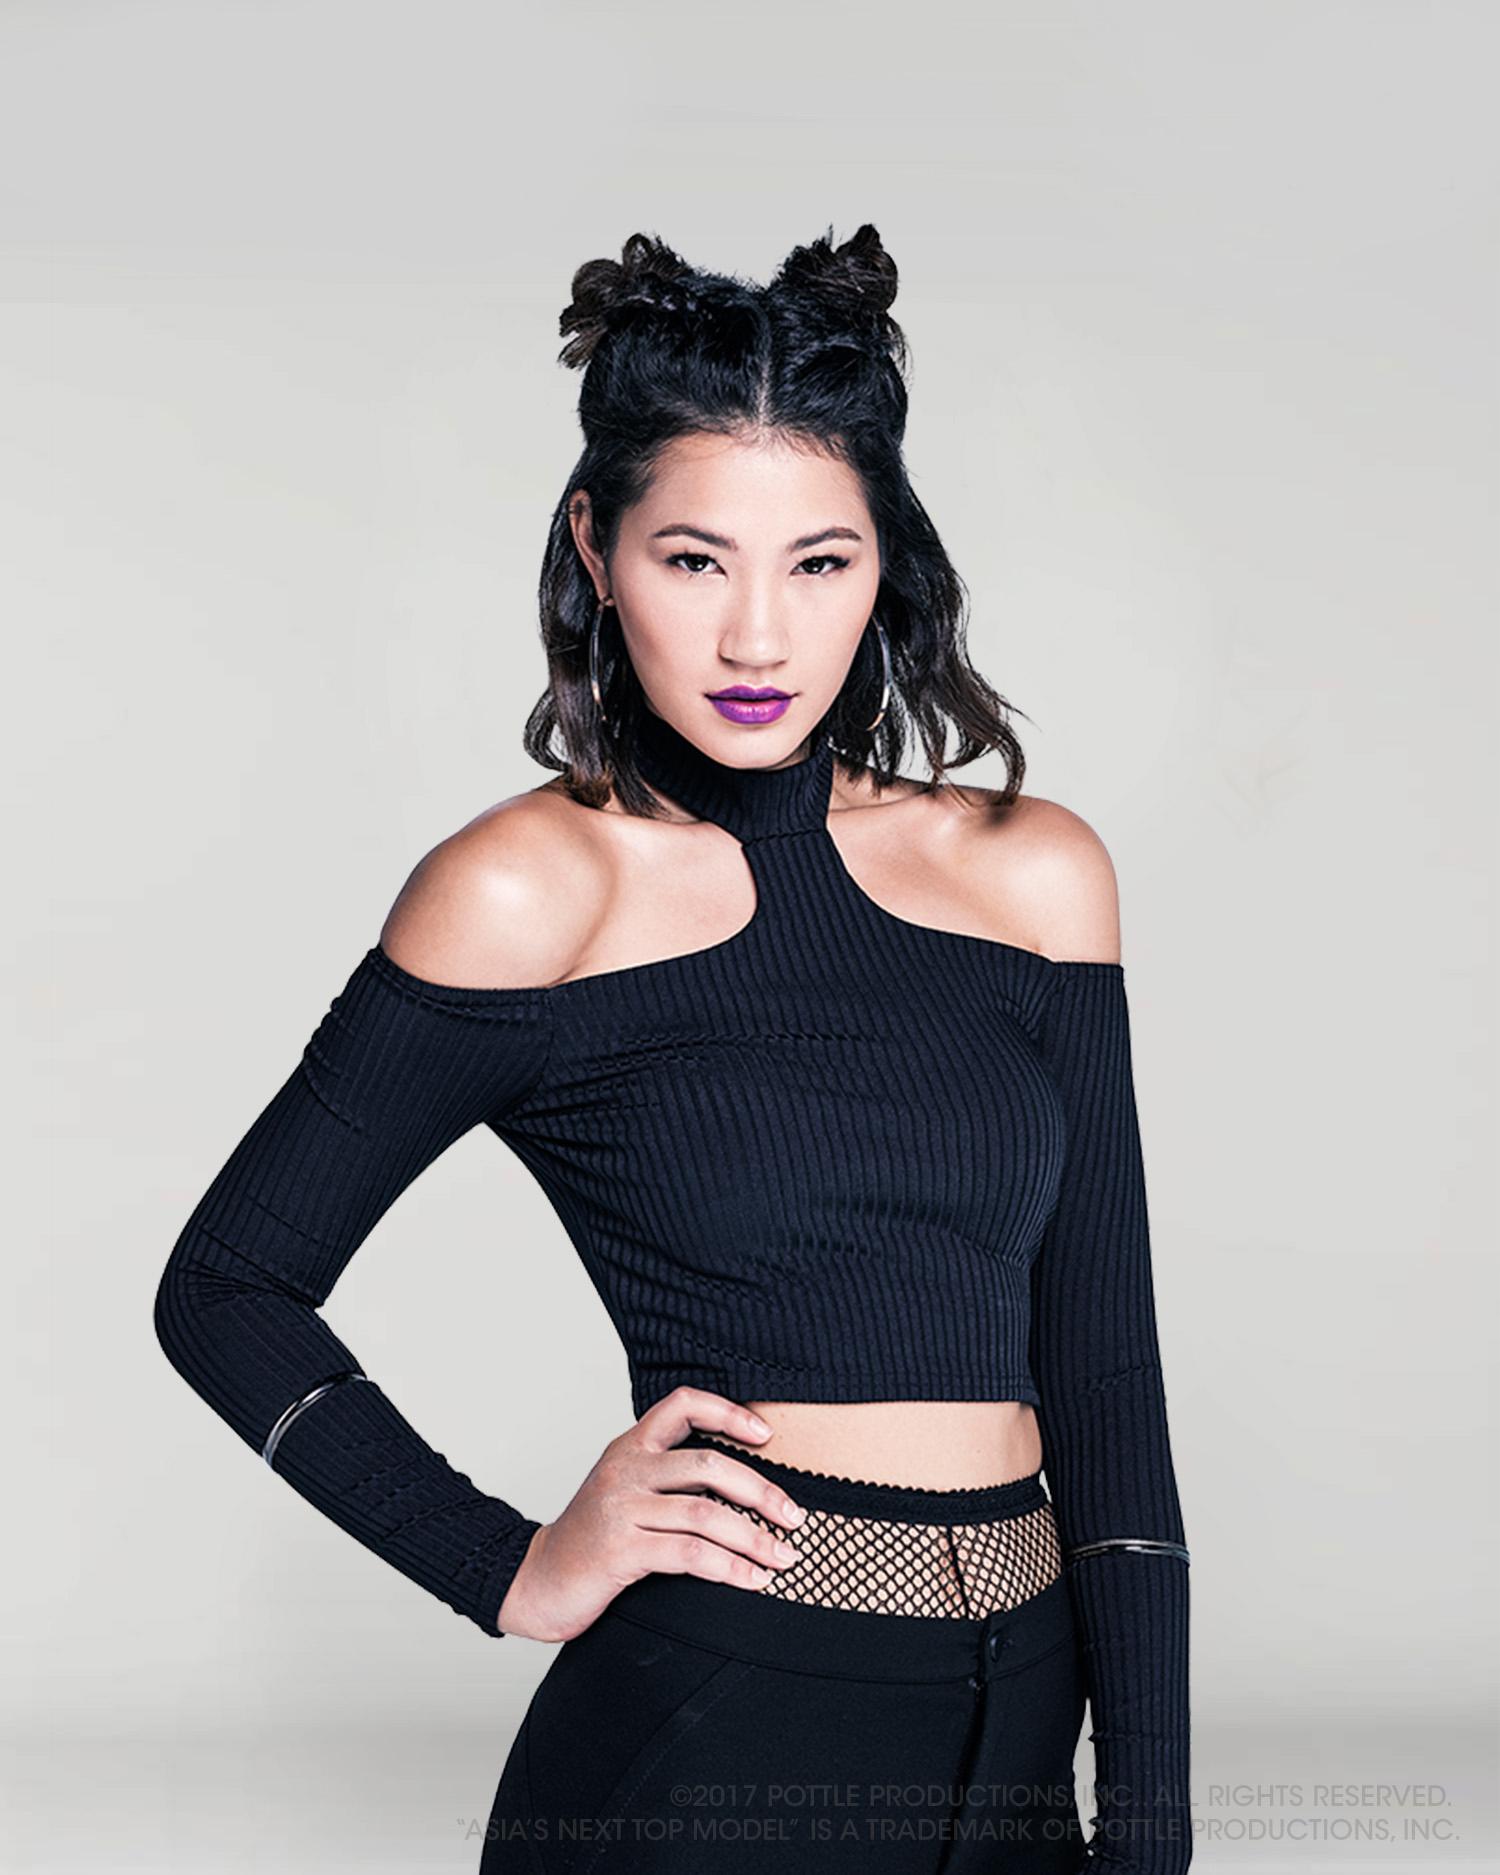 Chính thức: Minh Tú là đại diện Việt Nam tại Asias Next Top Model! - Ảnh 7.